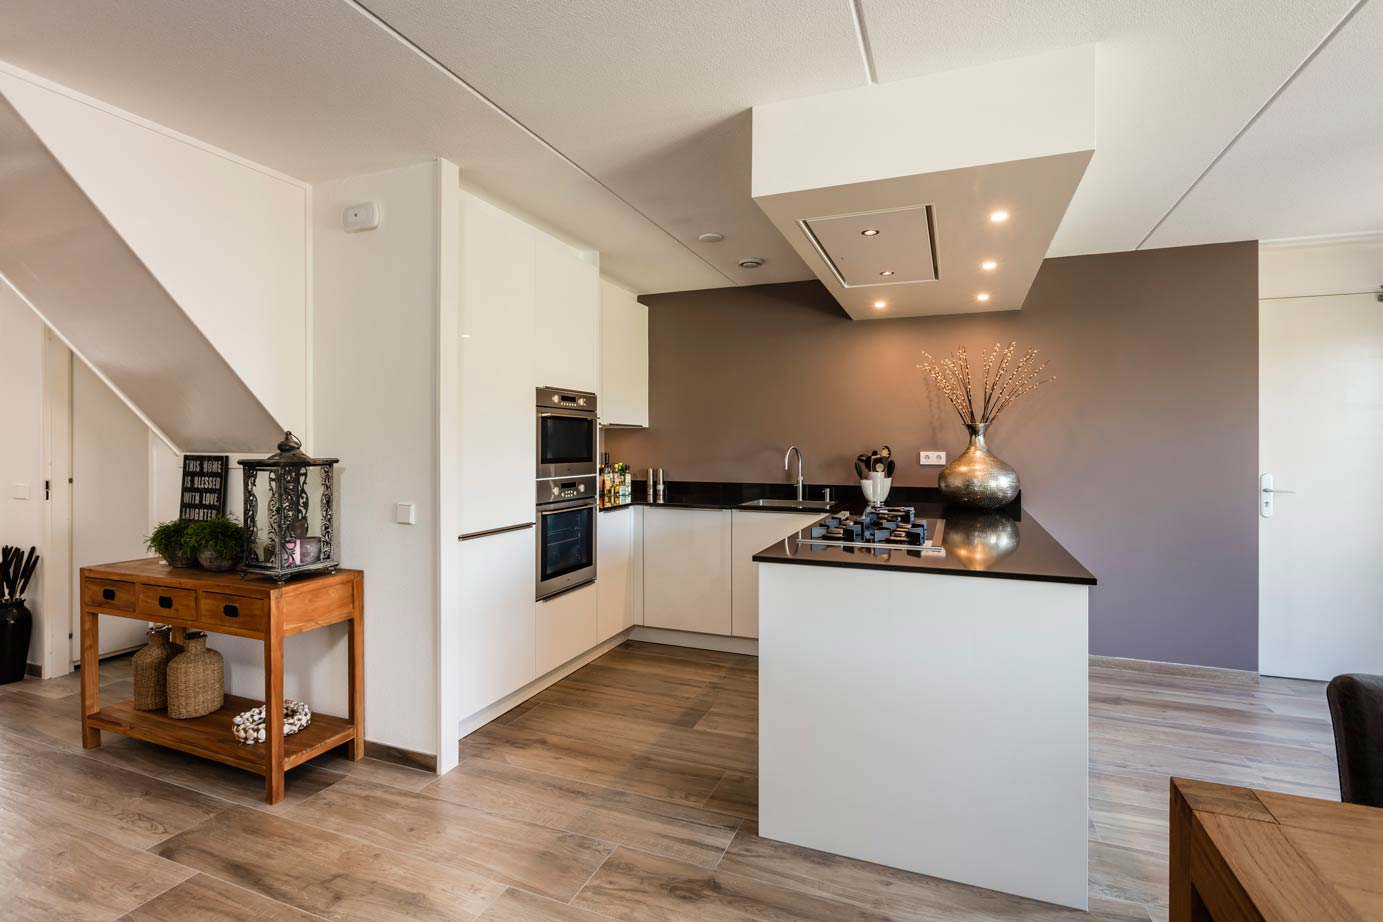 Keuken Schiereiland Met : Modern keuken schiereiland eenvoudig verkochte keukens archieven